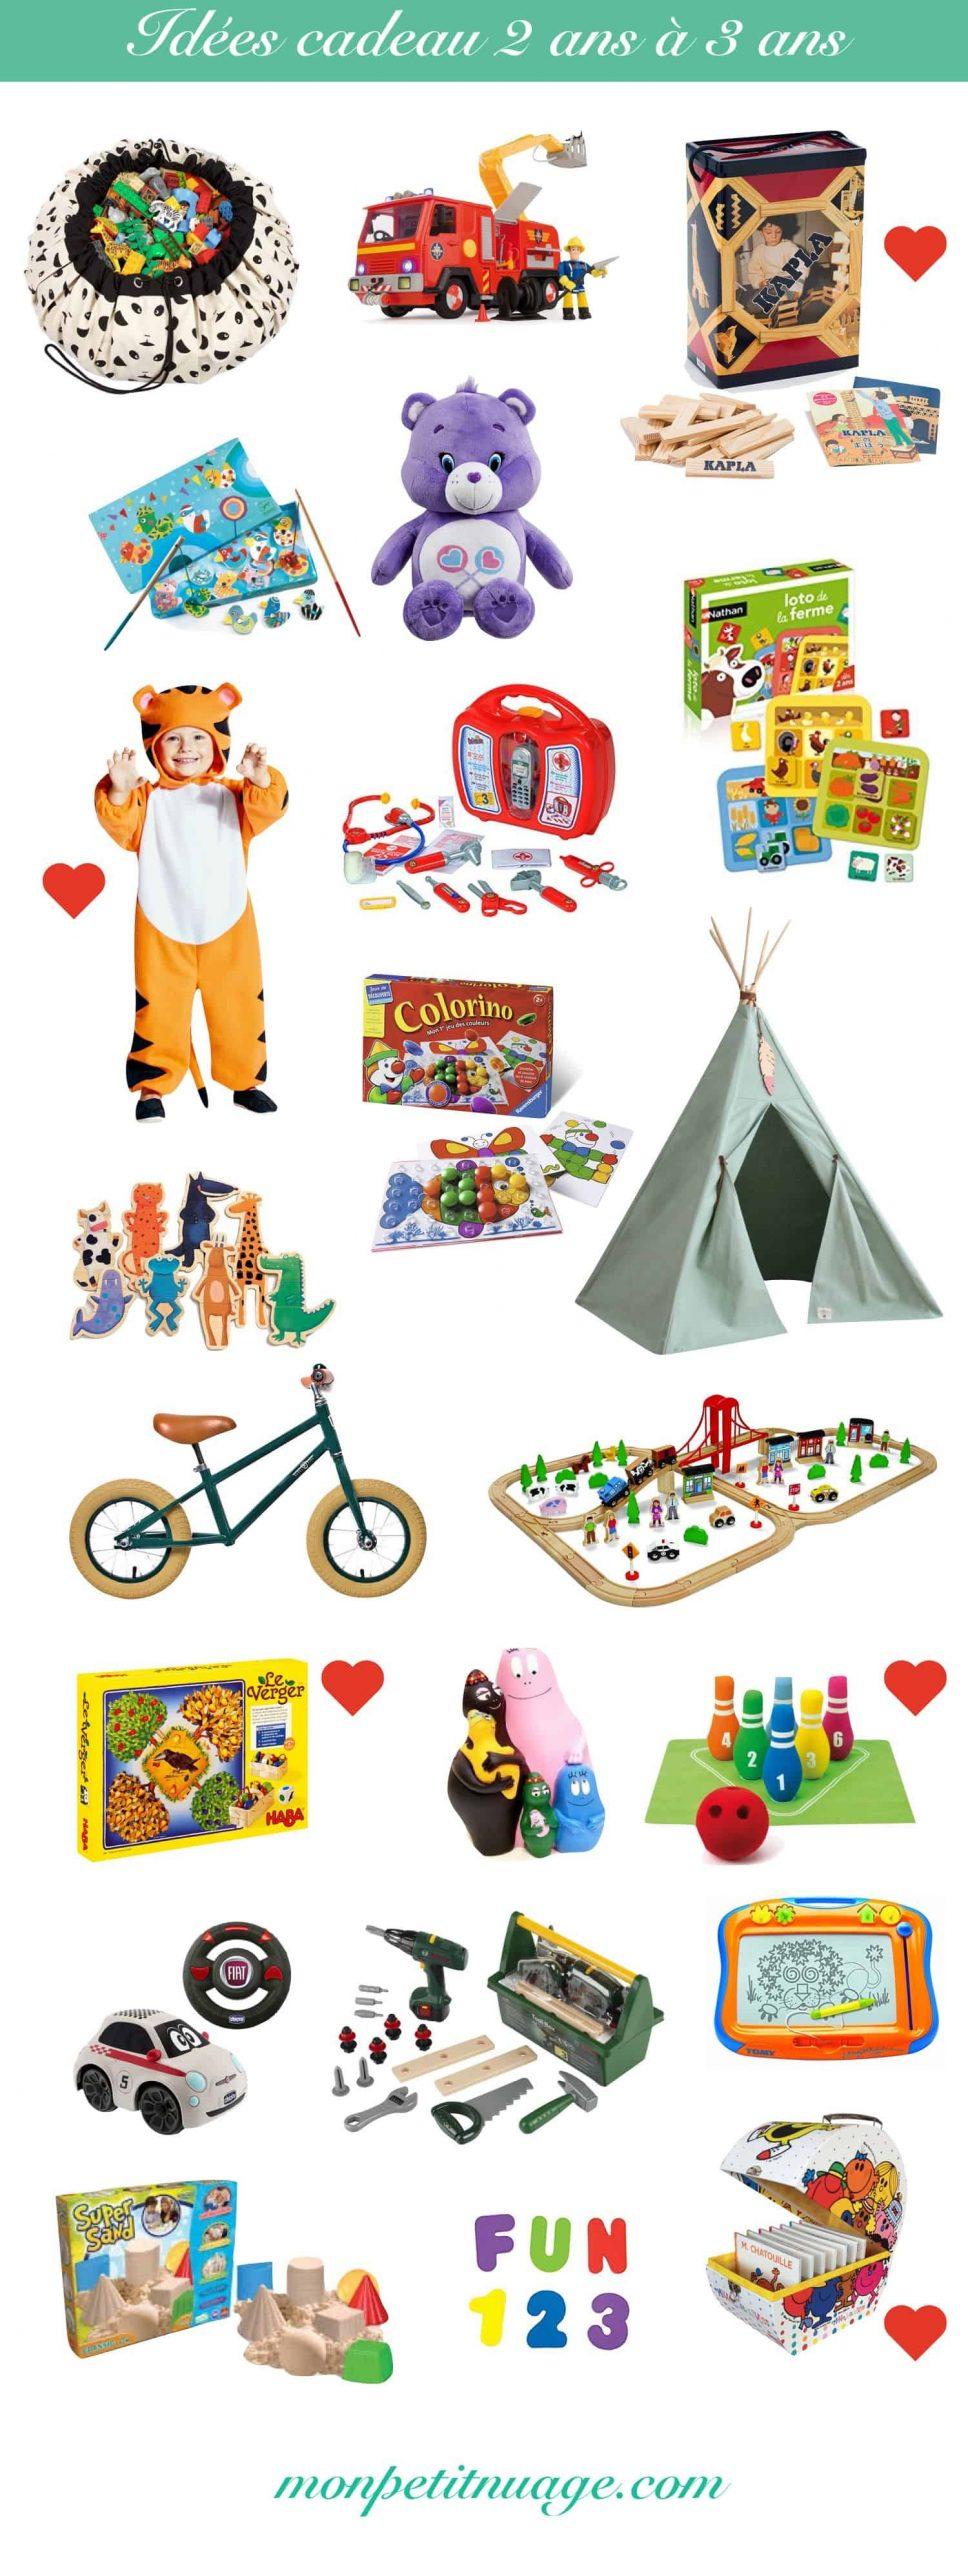 Idées Cadeaux Bébé & Enfant : 6 Mois, 1 An, 2 Ans, 3 Ans concernant Jeux Pour Garcon 3 Ans